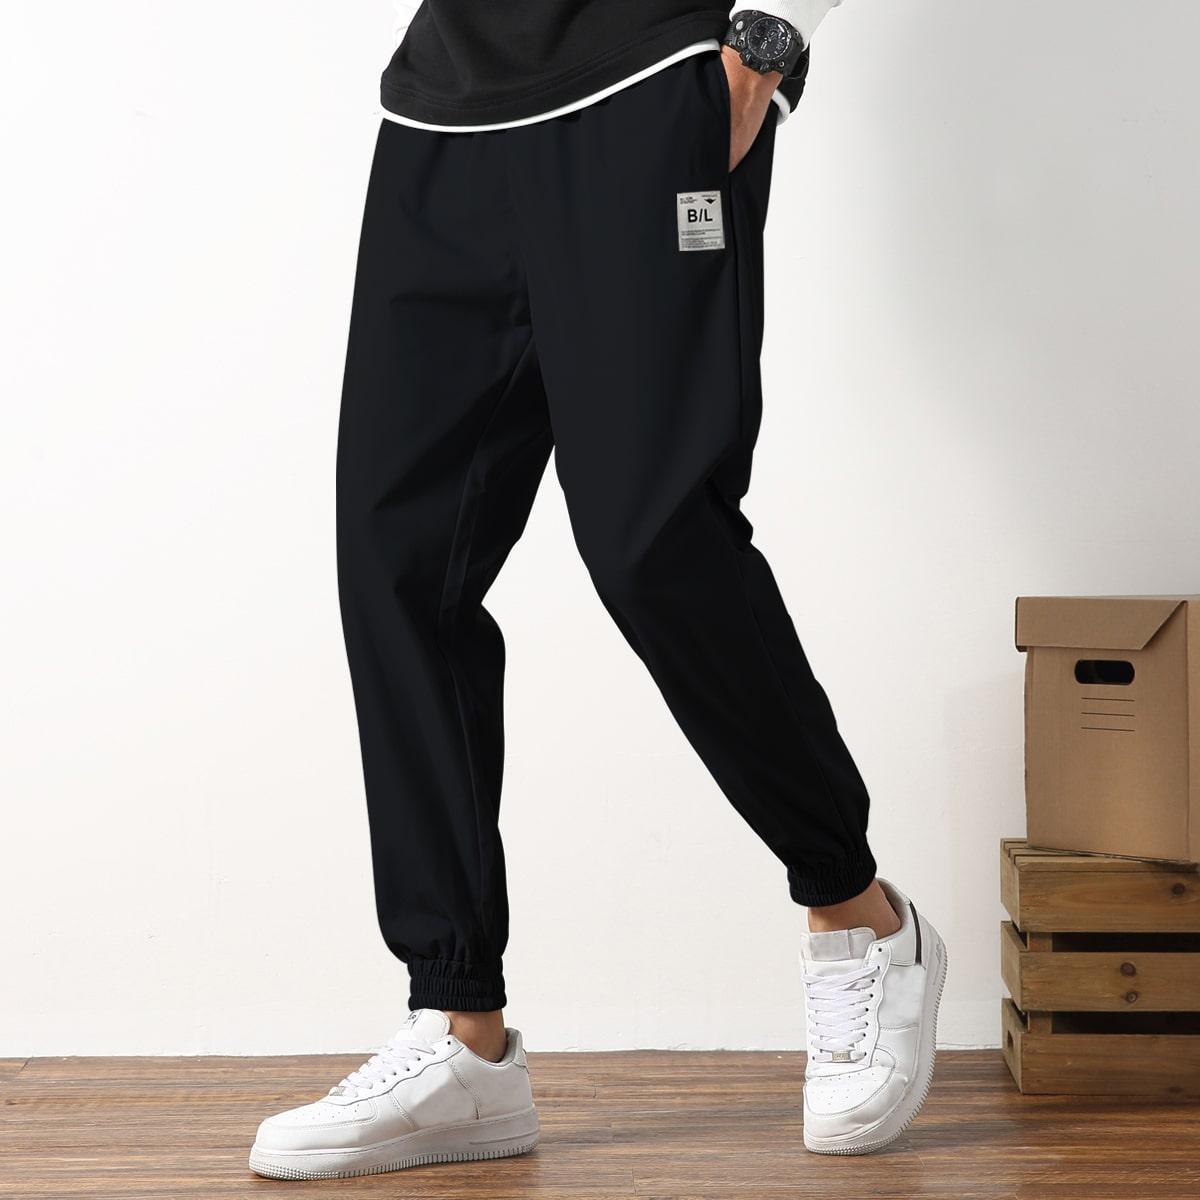 Pantalones con bolsillo lateral con parche de letra